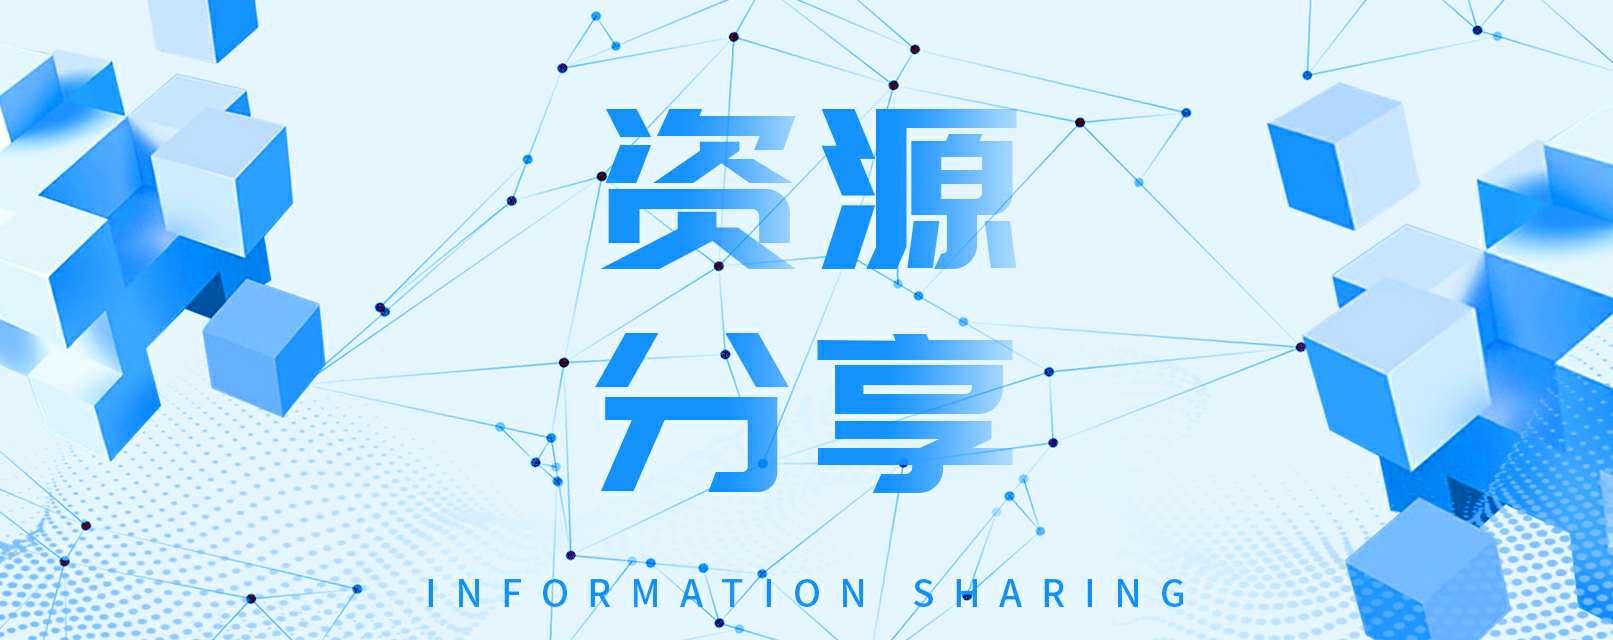 【分享】广西老表语音包 v1.1.1 随时随地变换各种语音